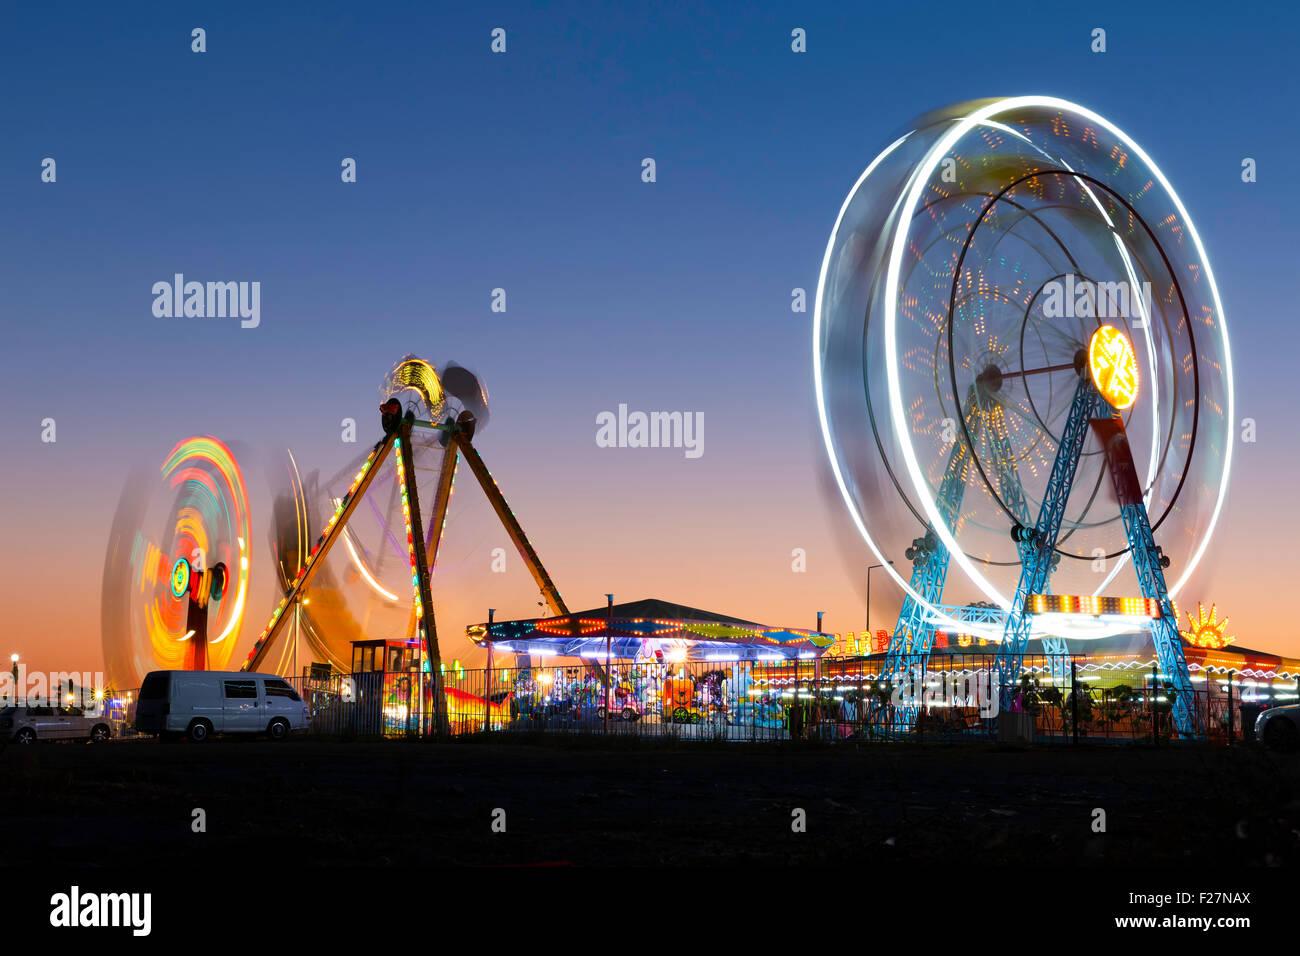 Colorido carnaval noria y la góndola spinning en movimiento borrosas al atardecer en un parque de diversiones Imagen De Stock